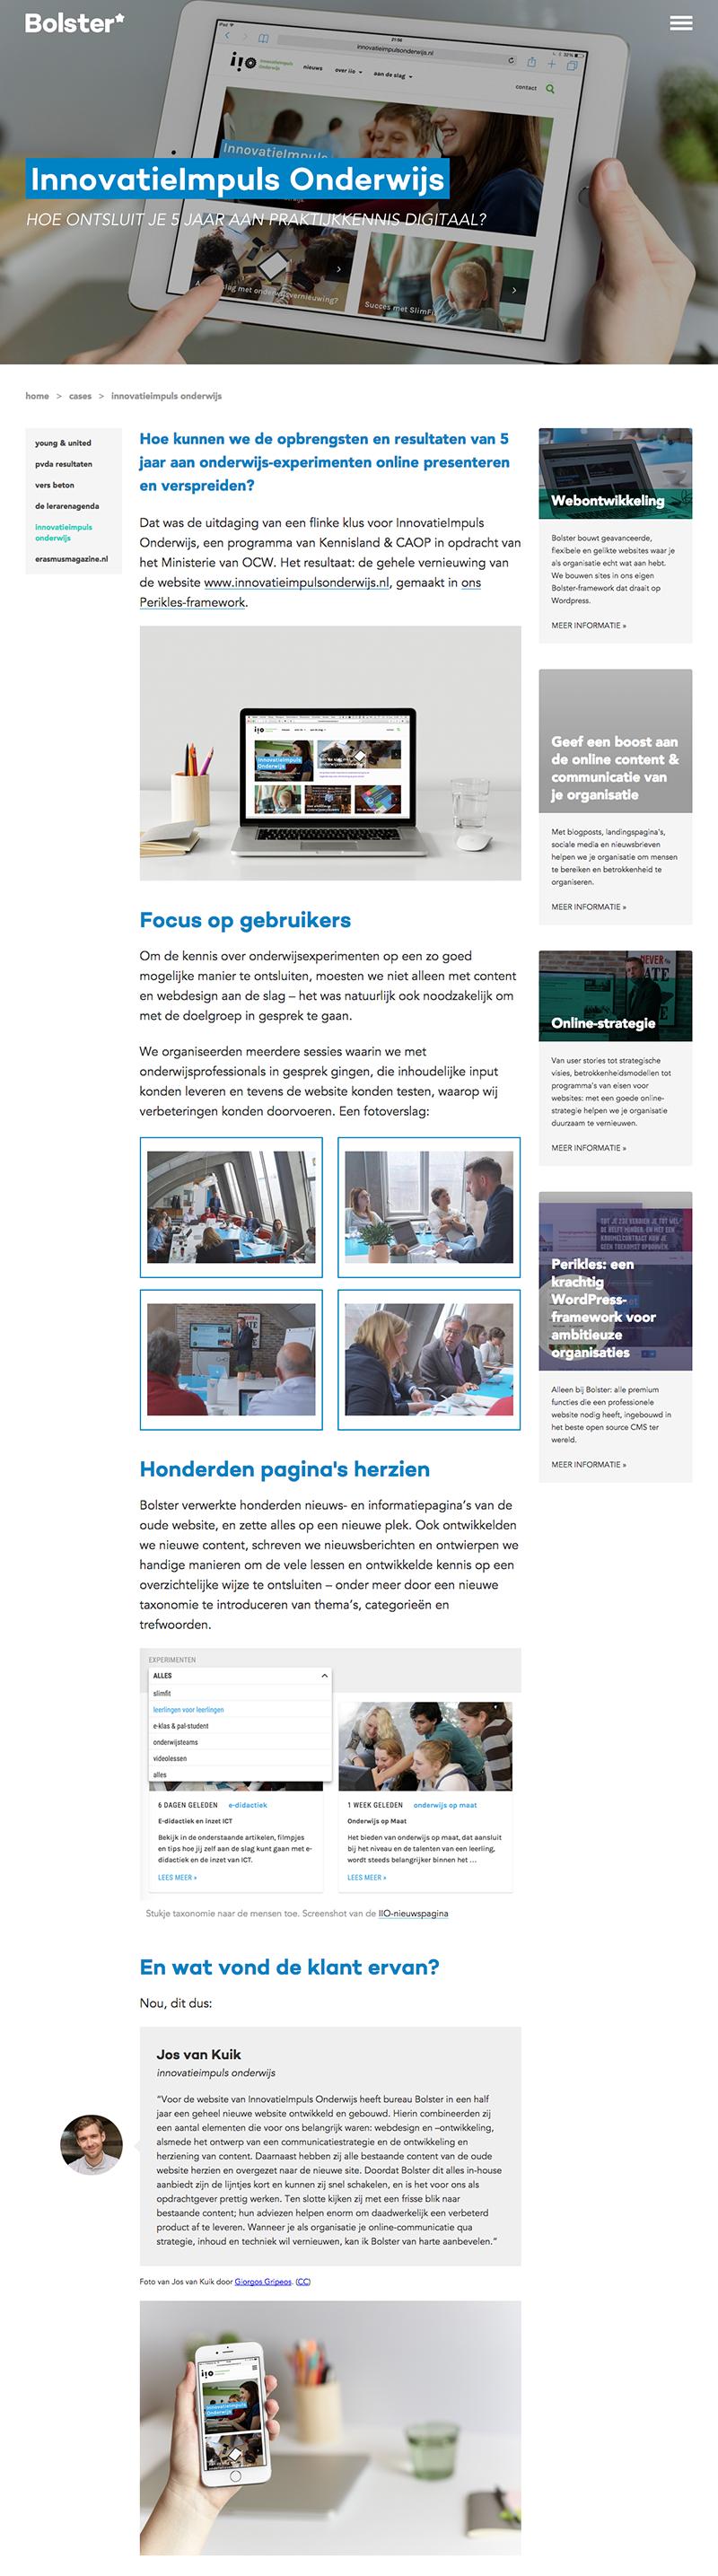 InnovatieImpuls Onderwijs Bureau Bolster